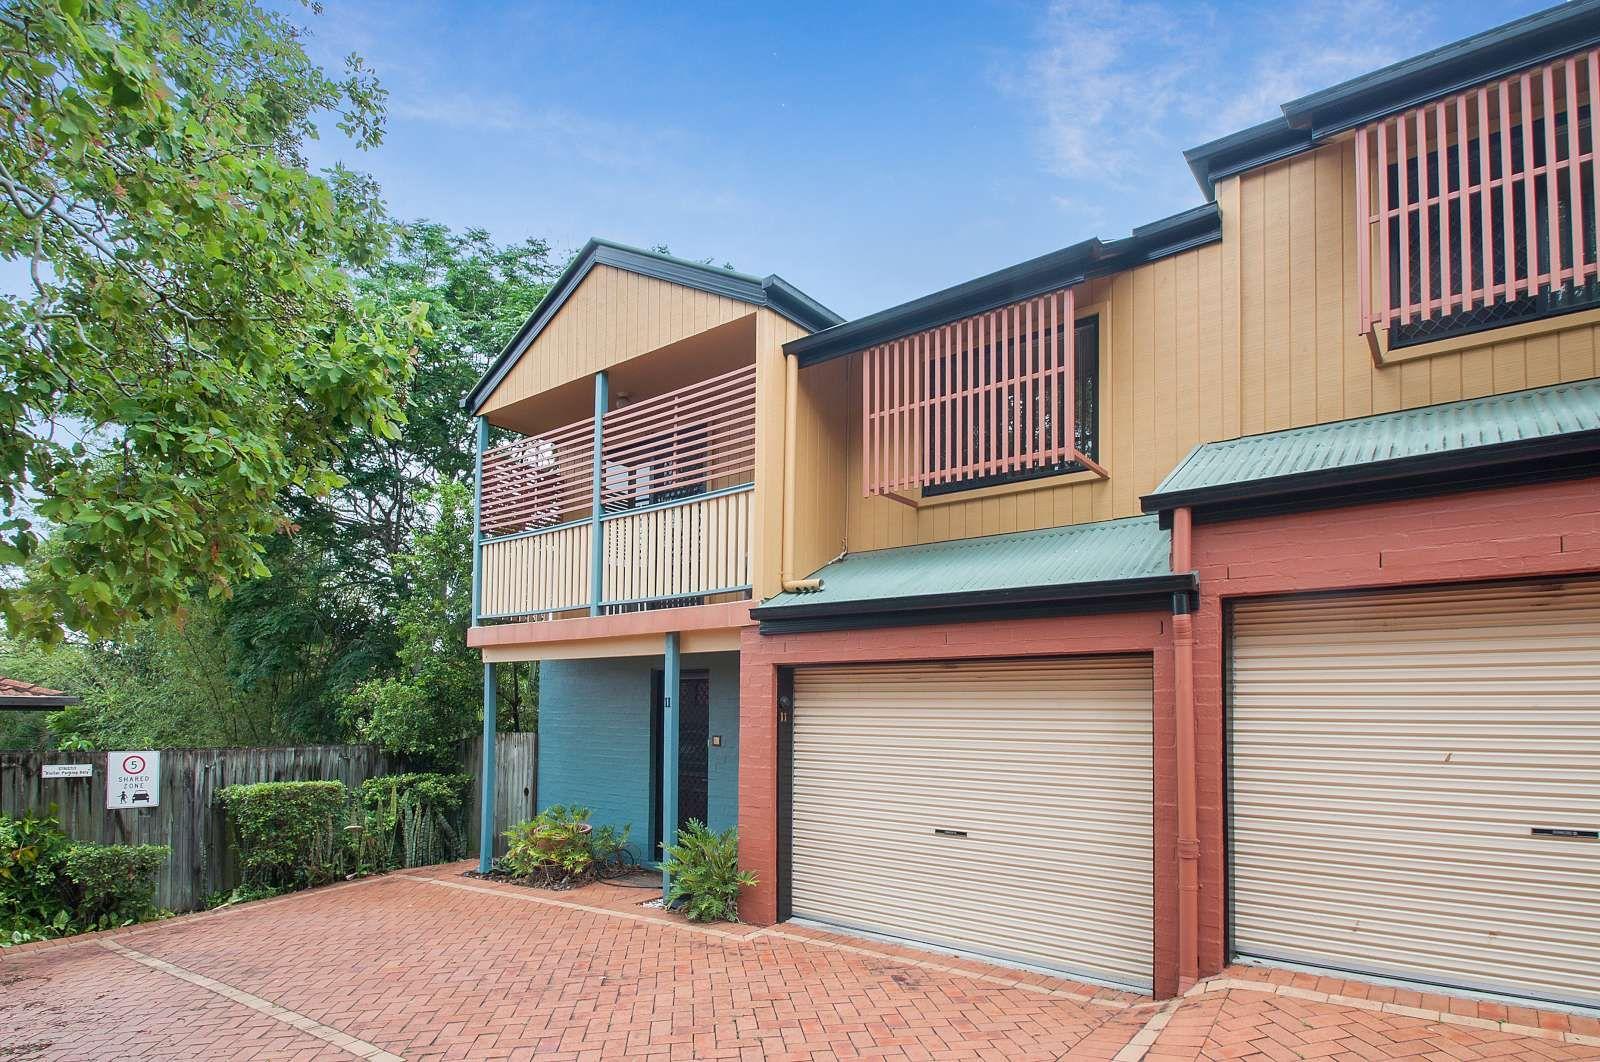 11/76 Elizabeth Street, Paddington QLD 4064, Image 0